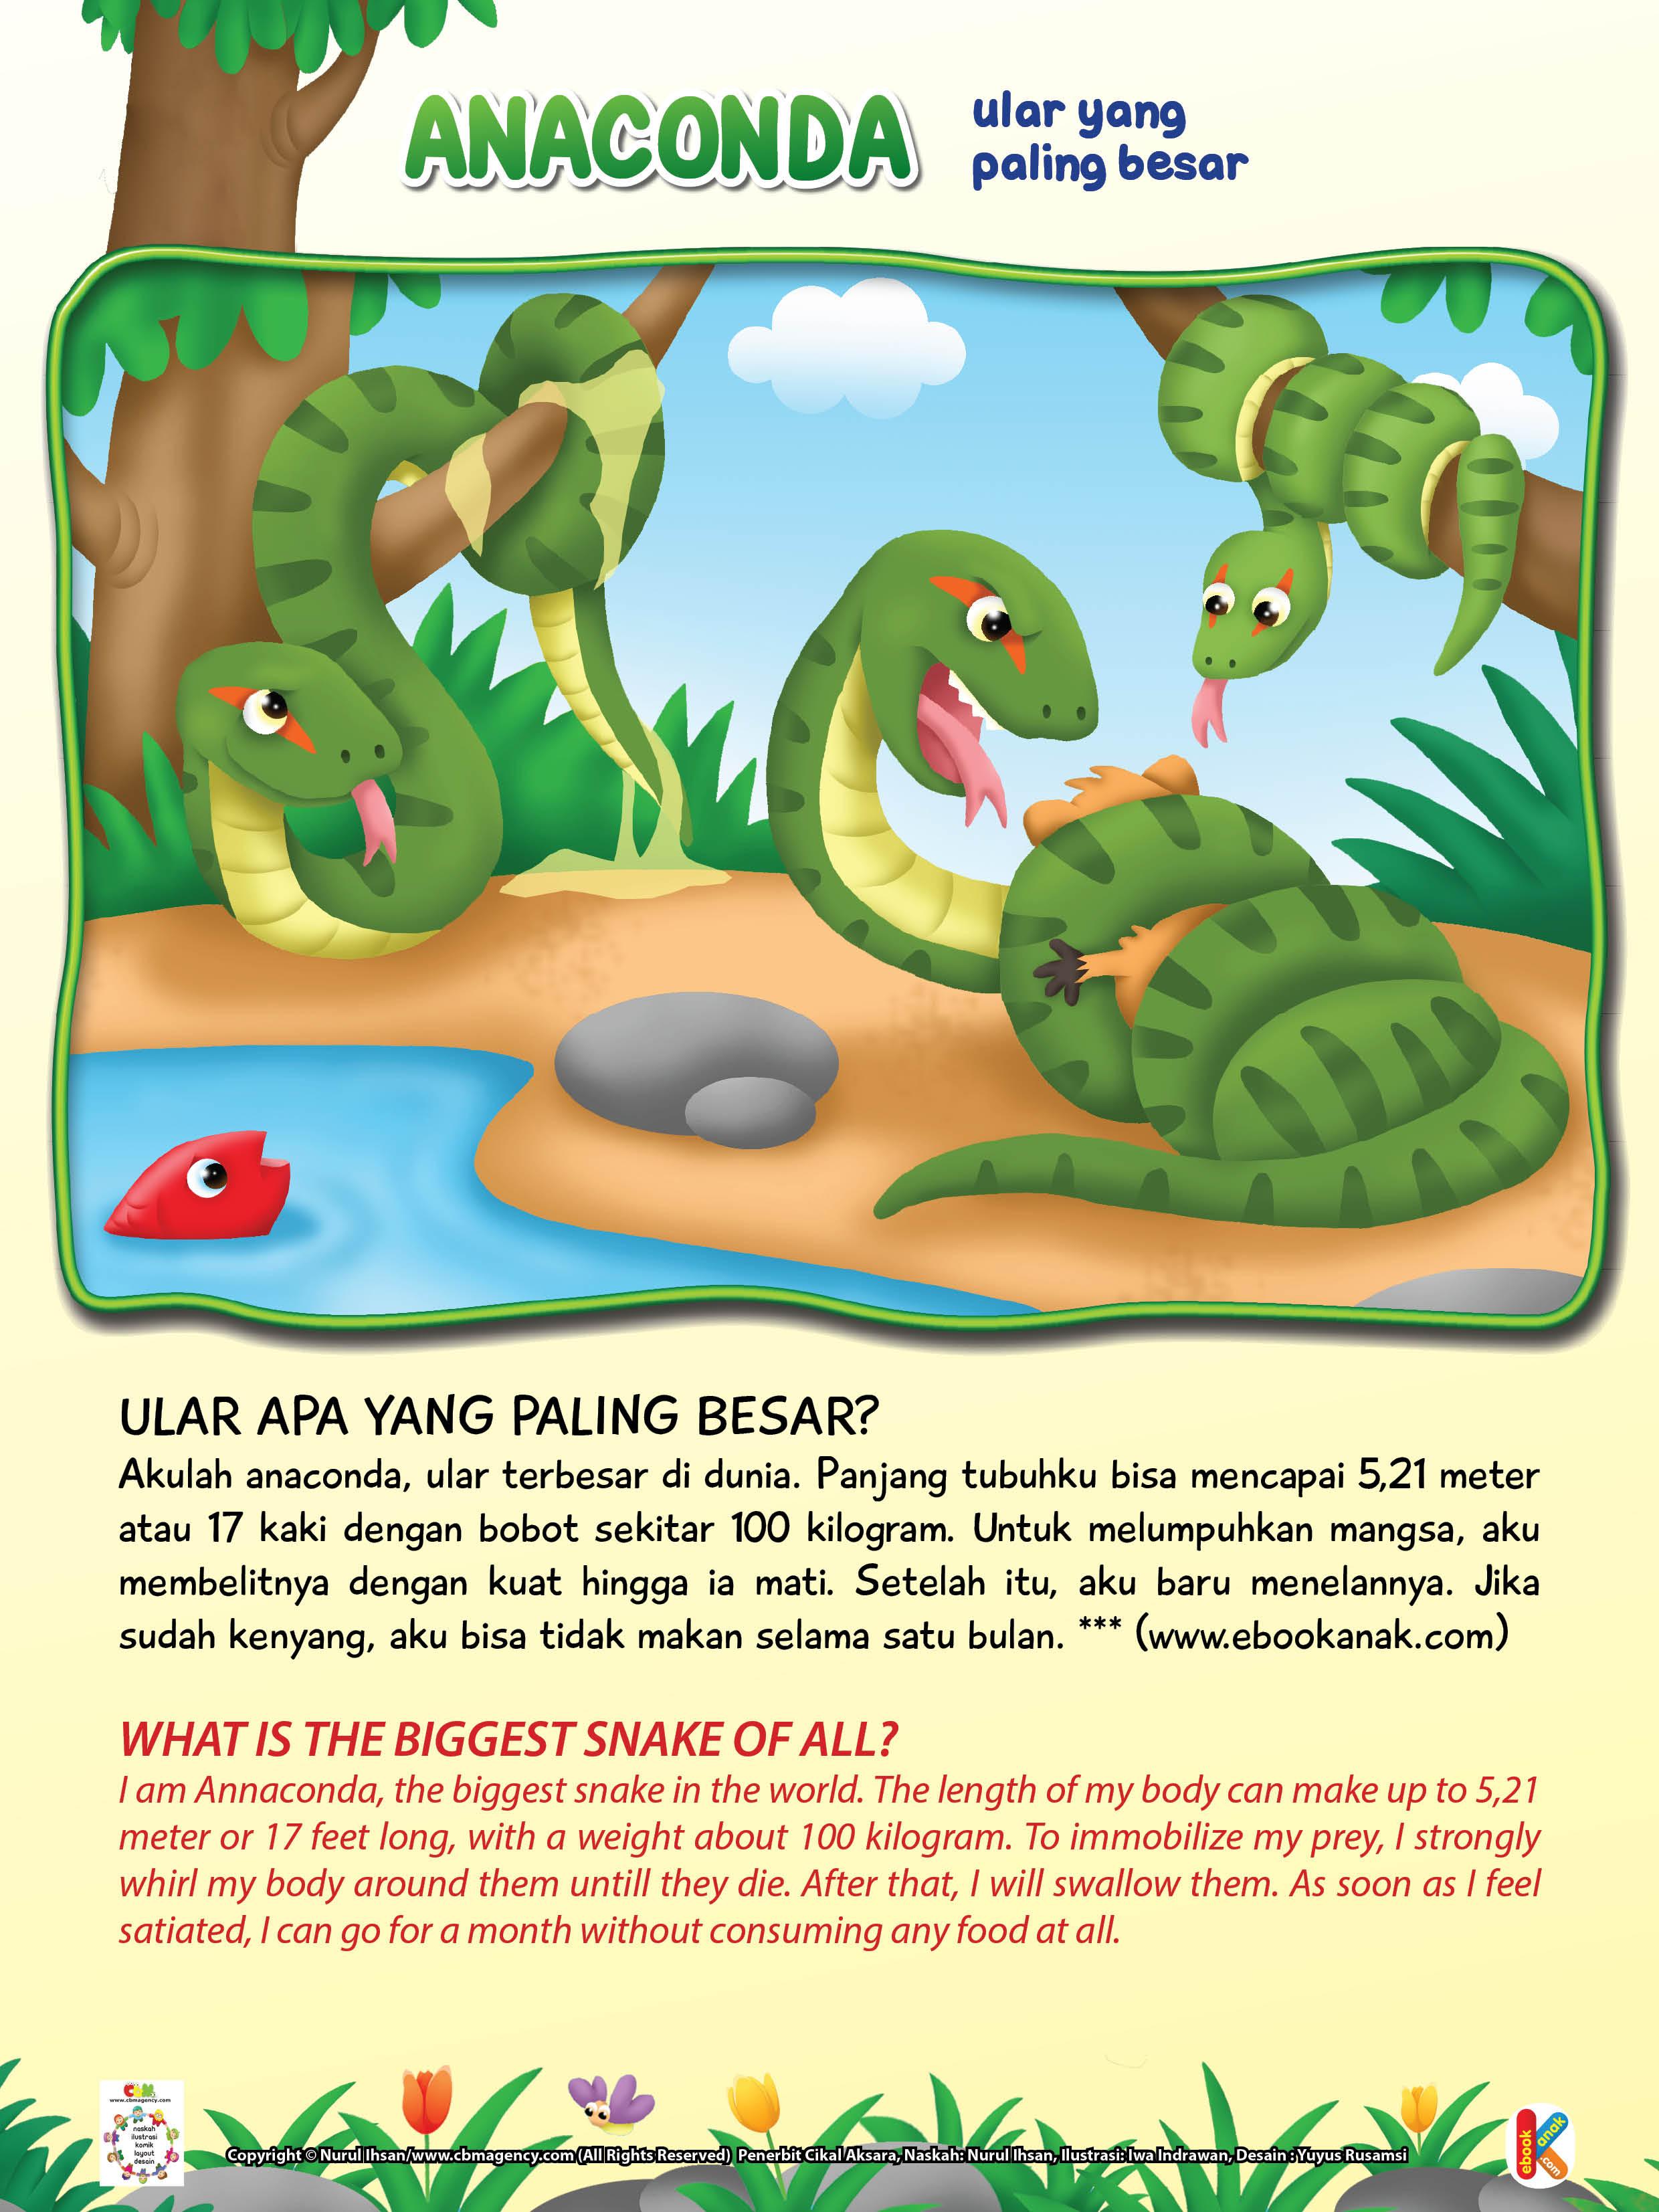 Panjang tubuh anaconda bisa mencapai 5,21 meter atau 17 kaki dengan bobot sekitar 100 kilogram.